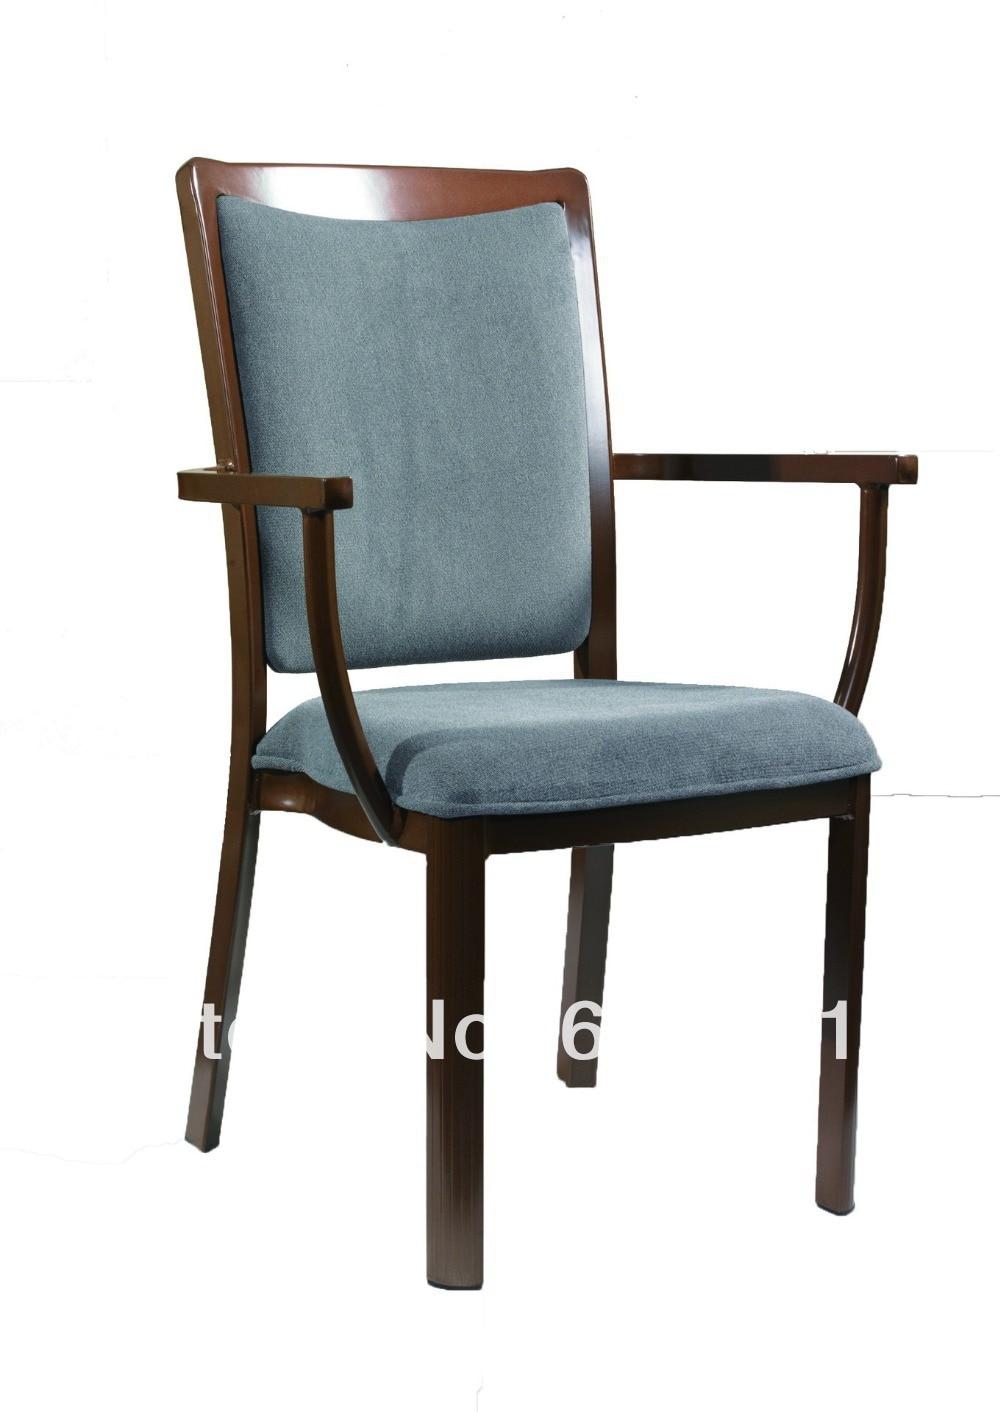 Стекируемые имитация дерева Алюминий Банкетный кресло, прочная ткань с высокой стойкостью к истиранию, удобные ...